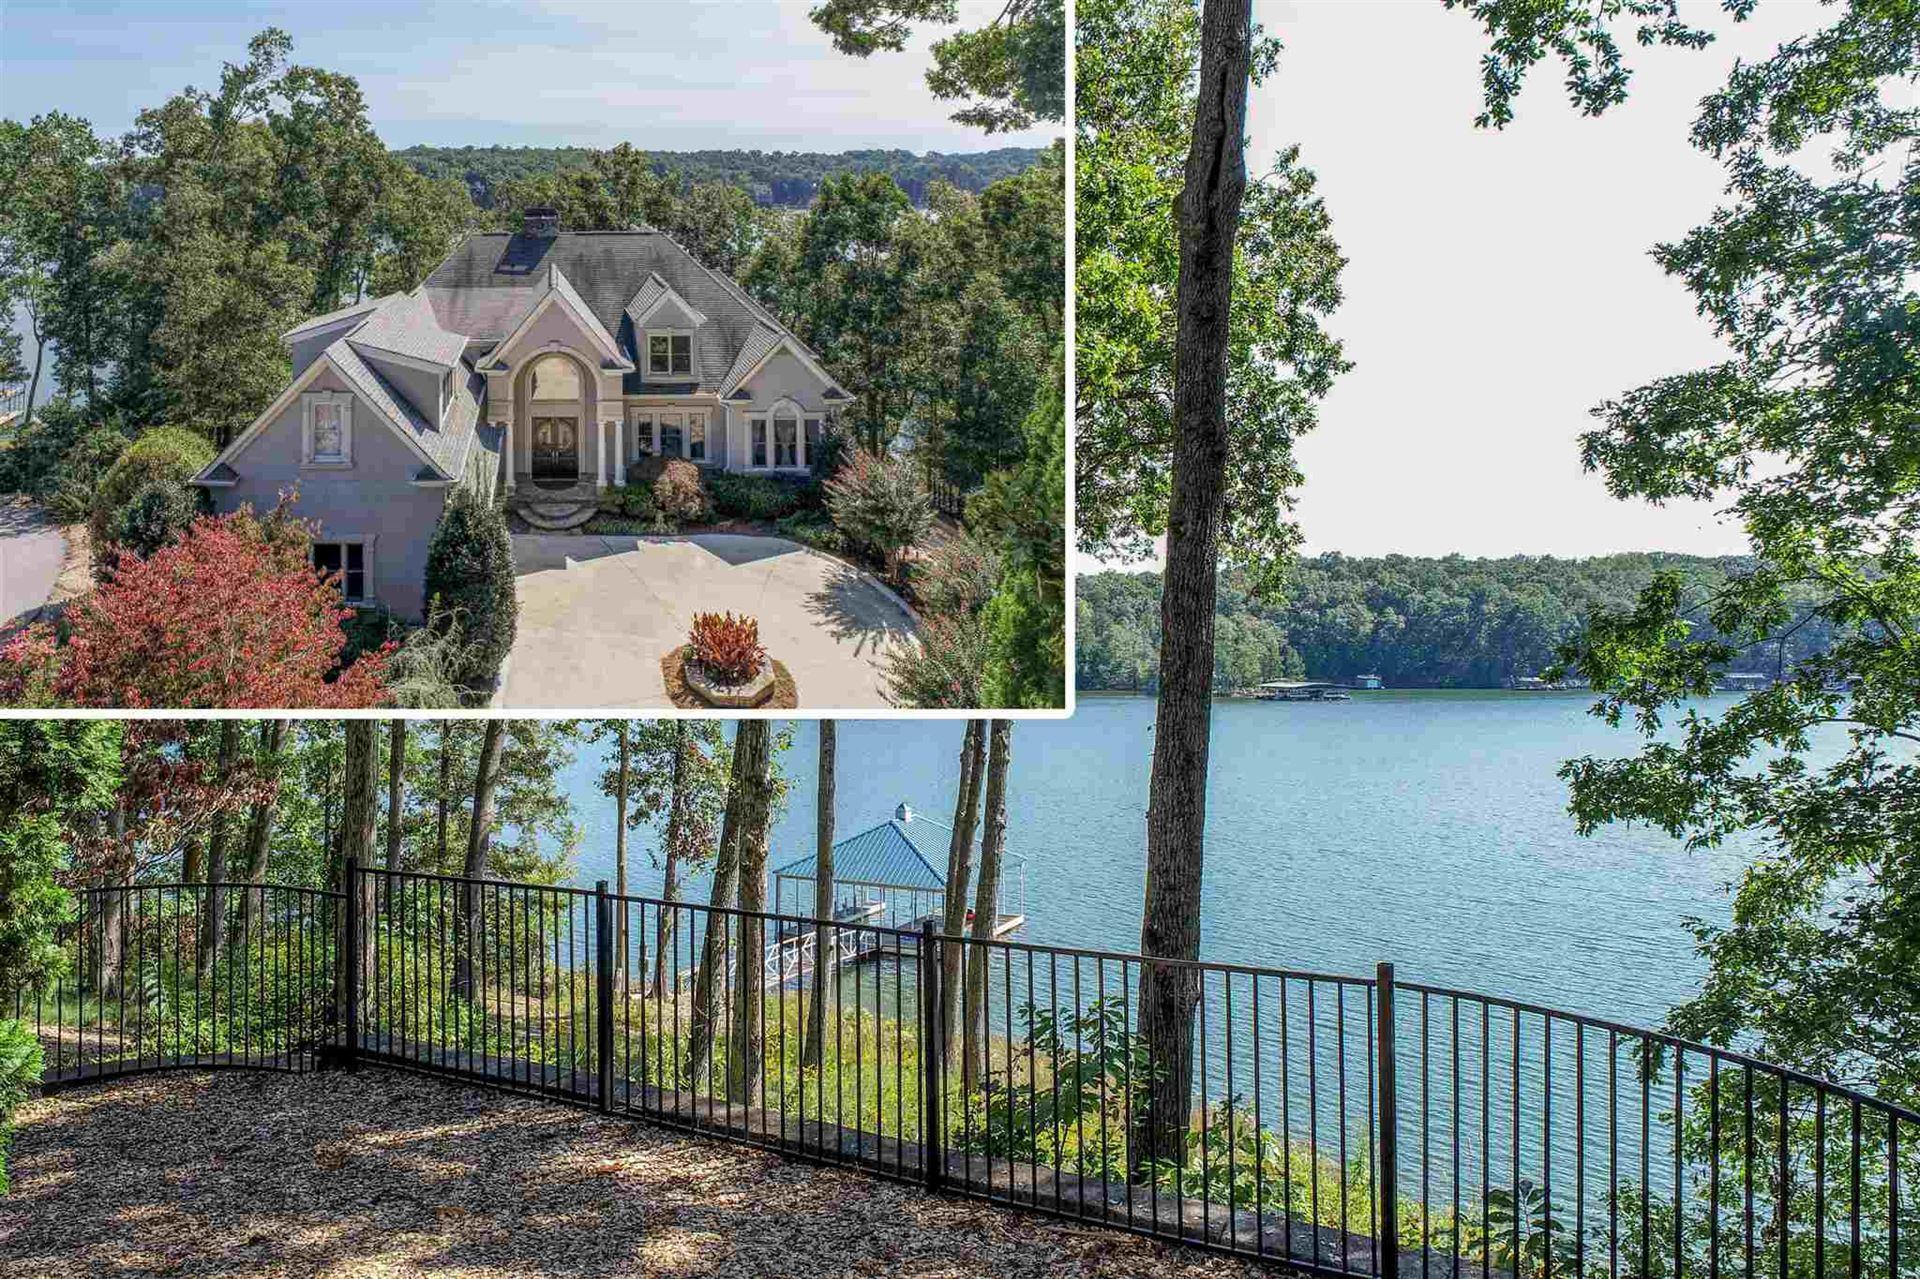 3986 Hidden Hill Dr, Gainesville, GA 30506 - MLS#: 8869466